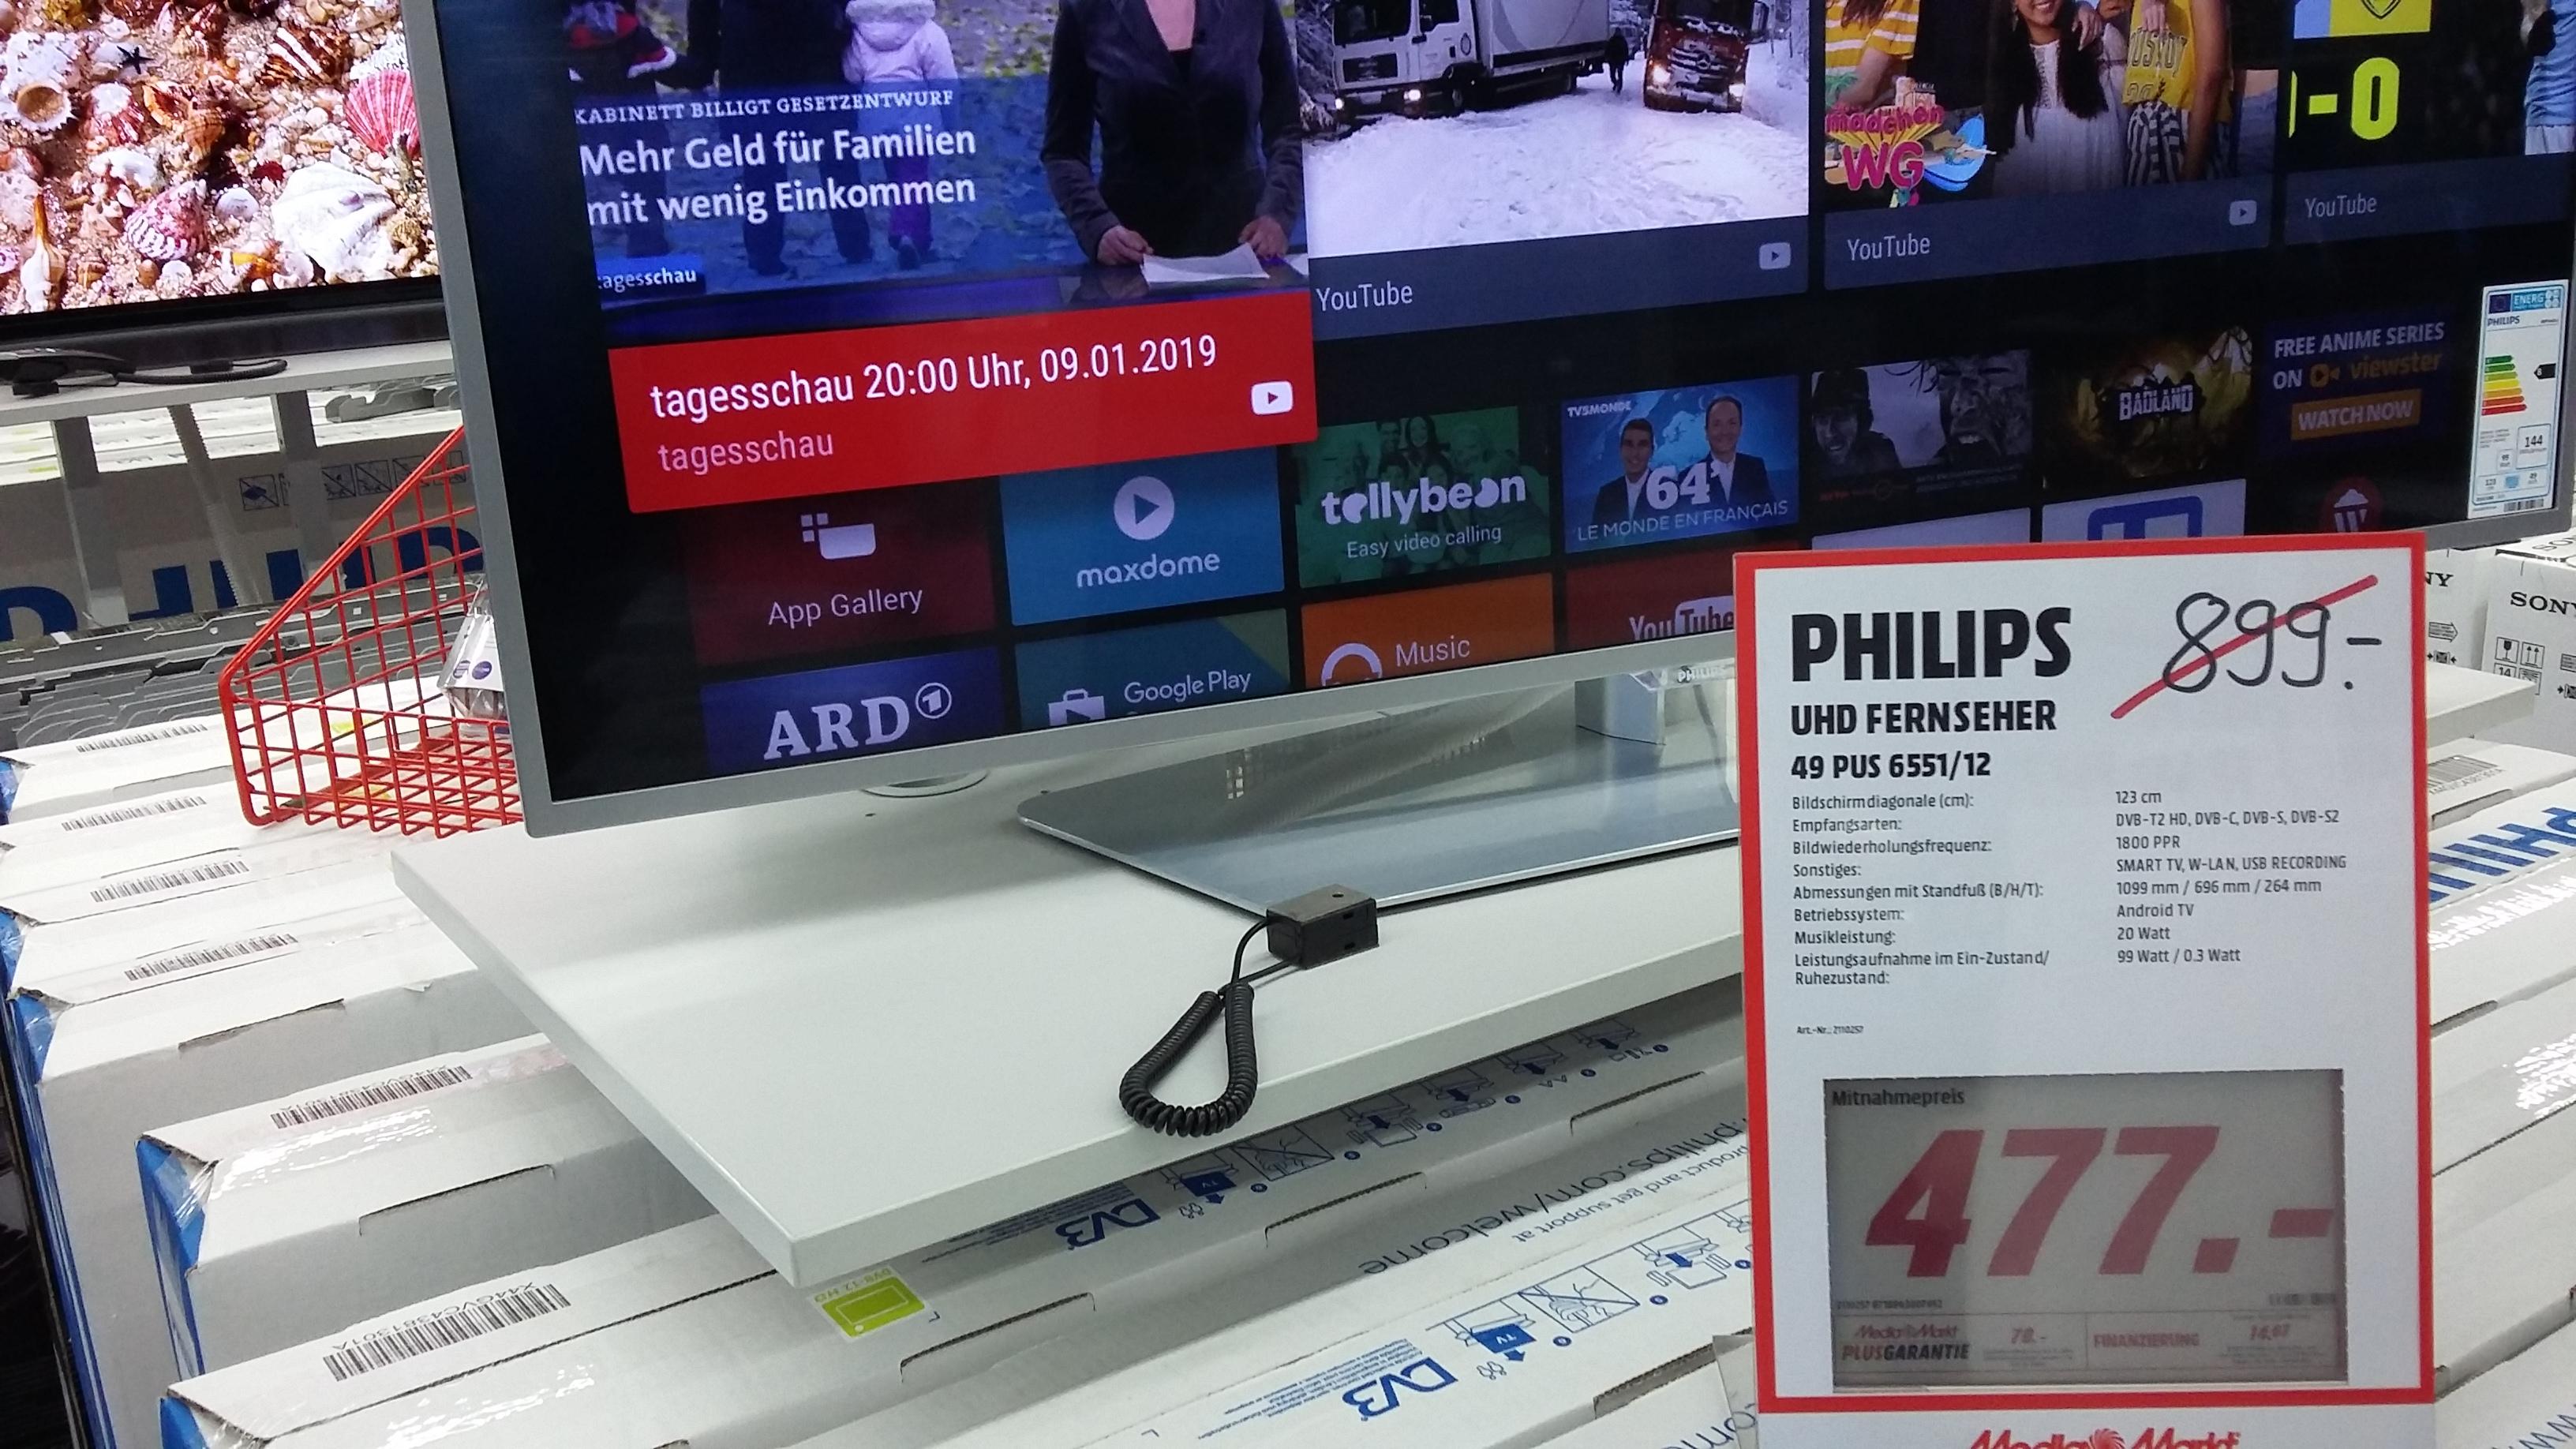 LOKAL Media Markt Flensburg Aussteller Philips TV 49PUS6551 100HZ Panel Direct LED Modell von 2016